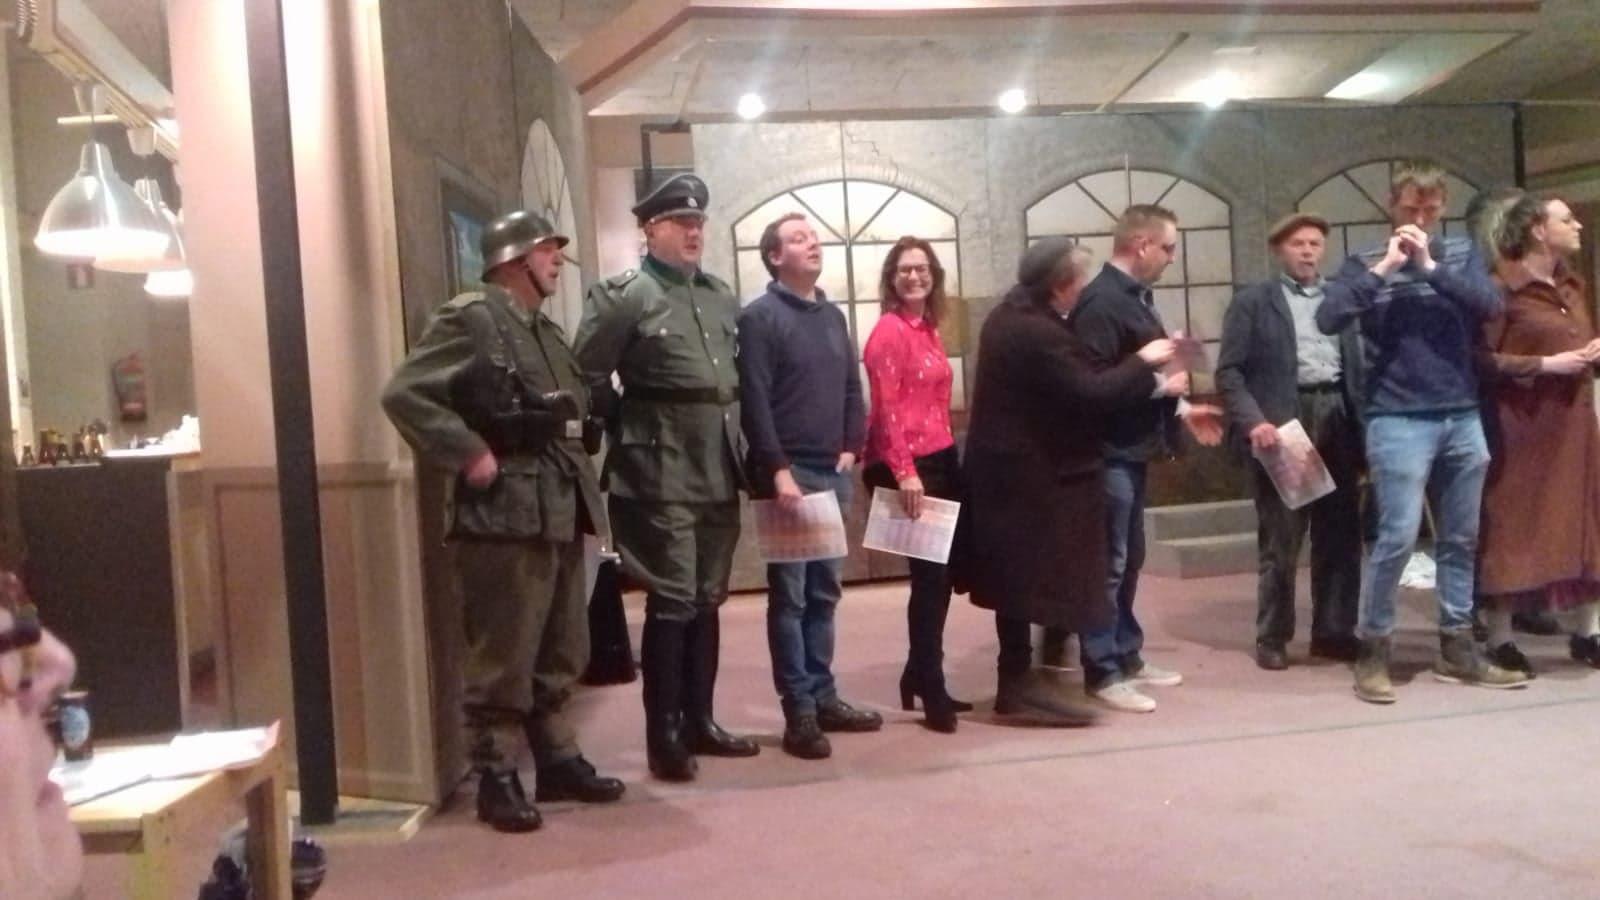 Repetitie van Plaet Gespeuld van de musical over de Tweede Wereldoorlog in Maas en Waal.